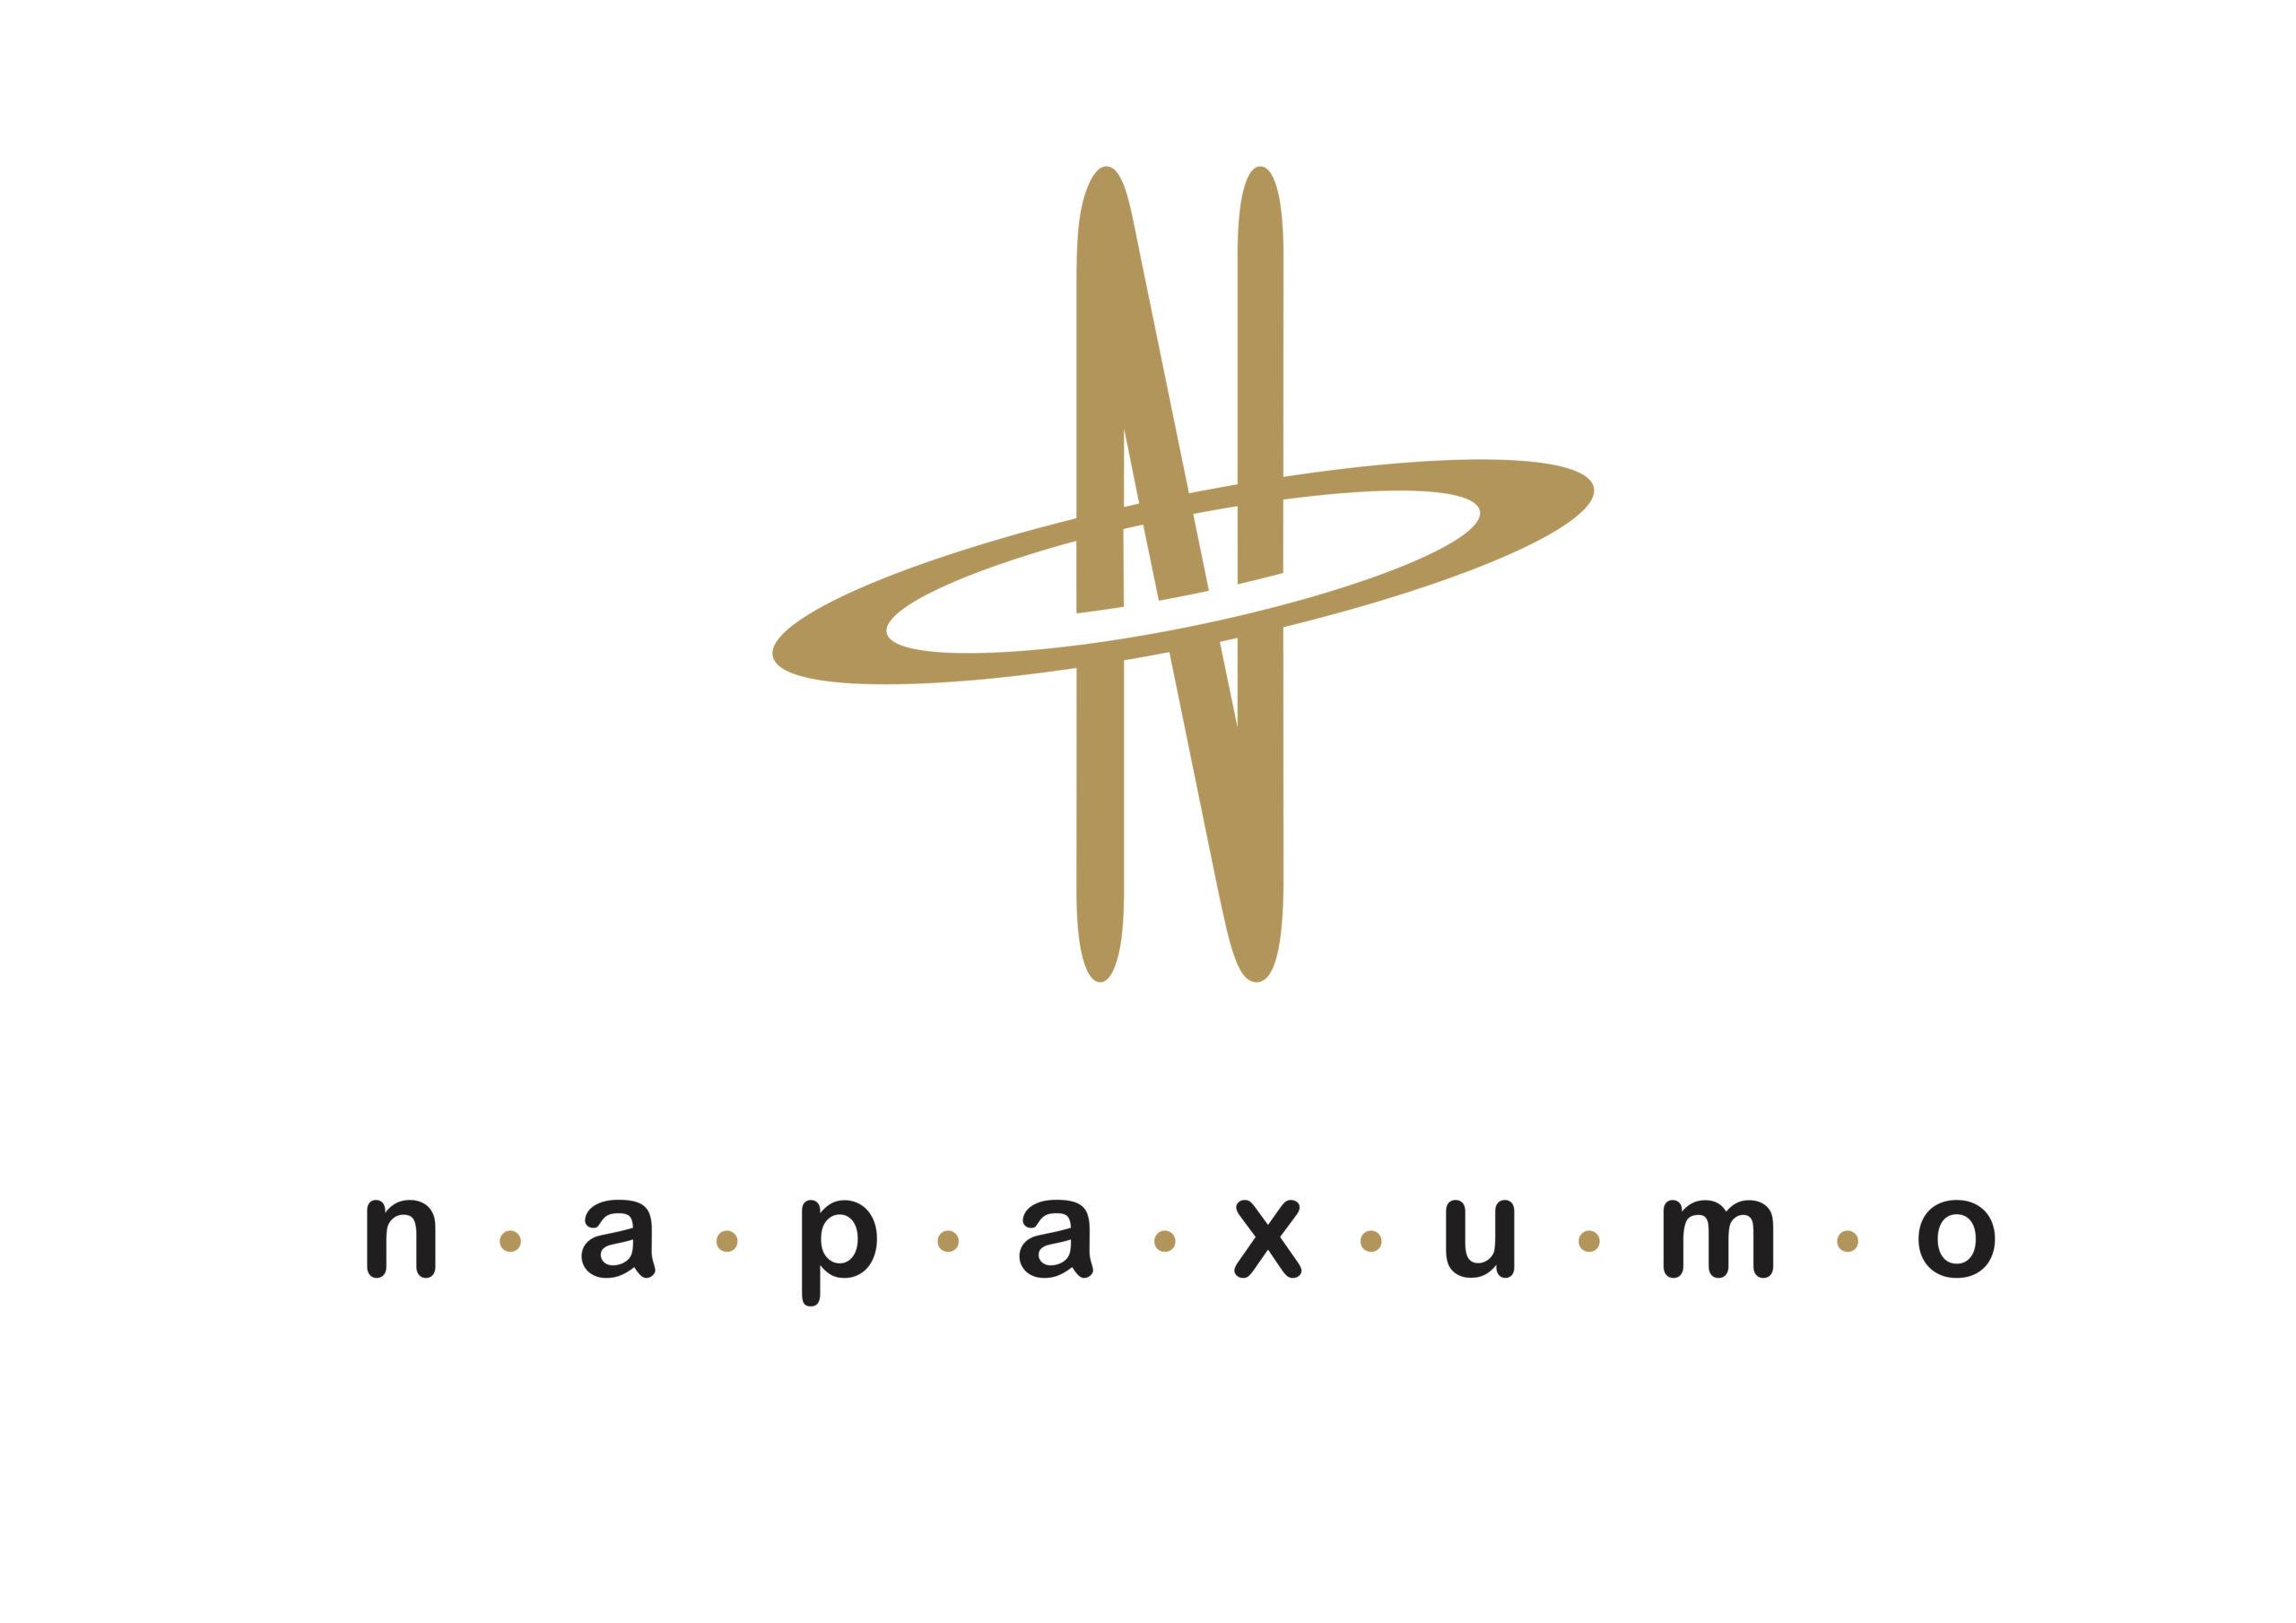 Napaxumo